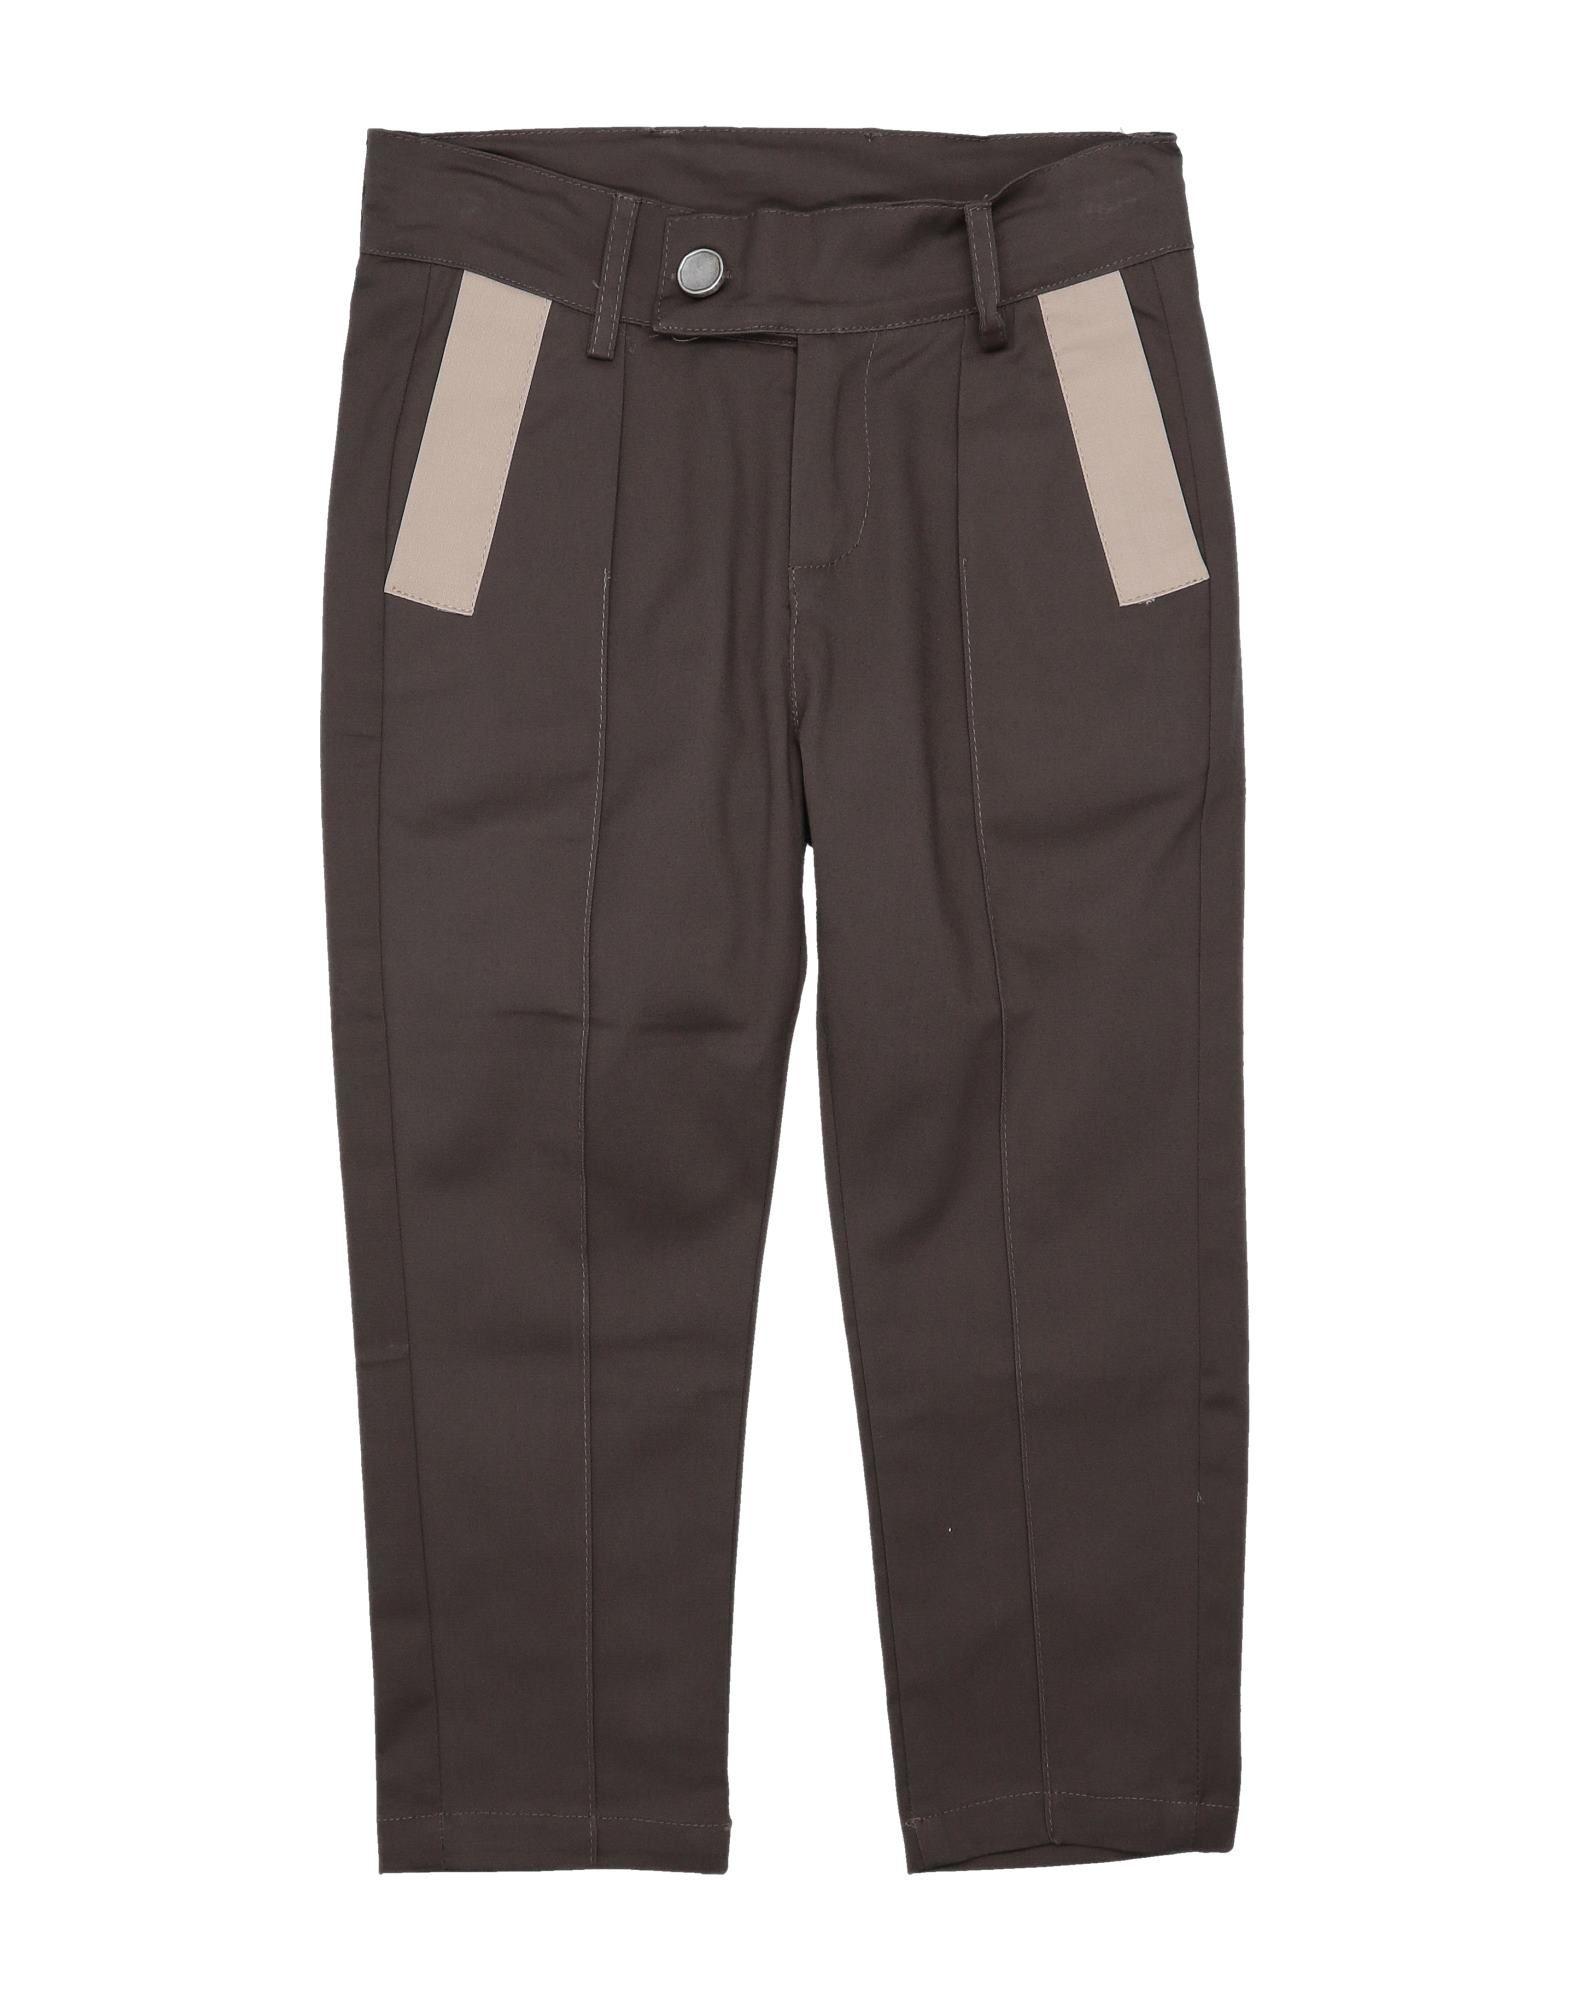 《セール開催中》NUMBERS. ボーイズ 3-8 歳 パンツ ダークブラウン 3 コットン 97% / 指定外繊維(その他伸縮性繊維) 3%